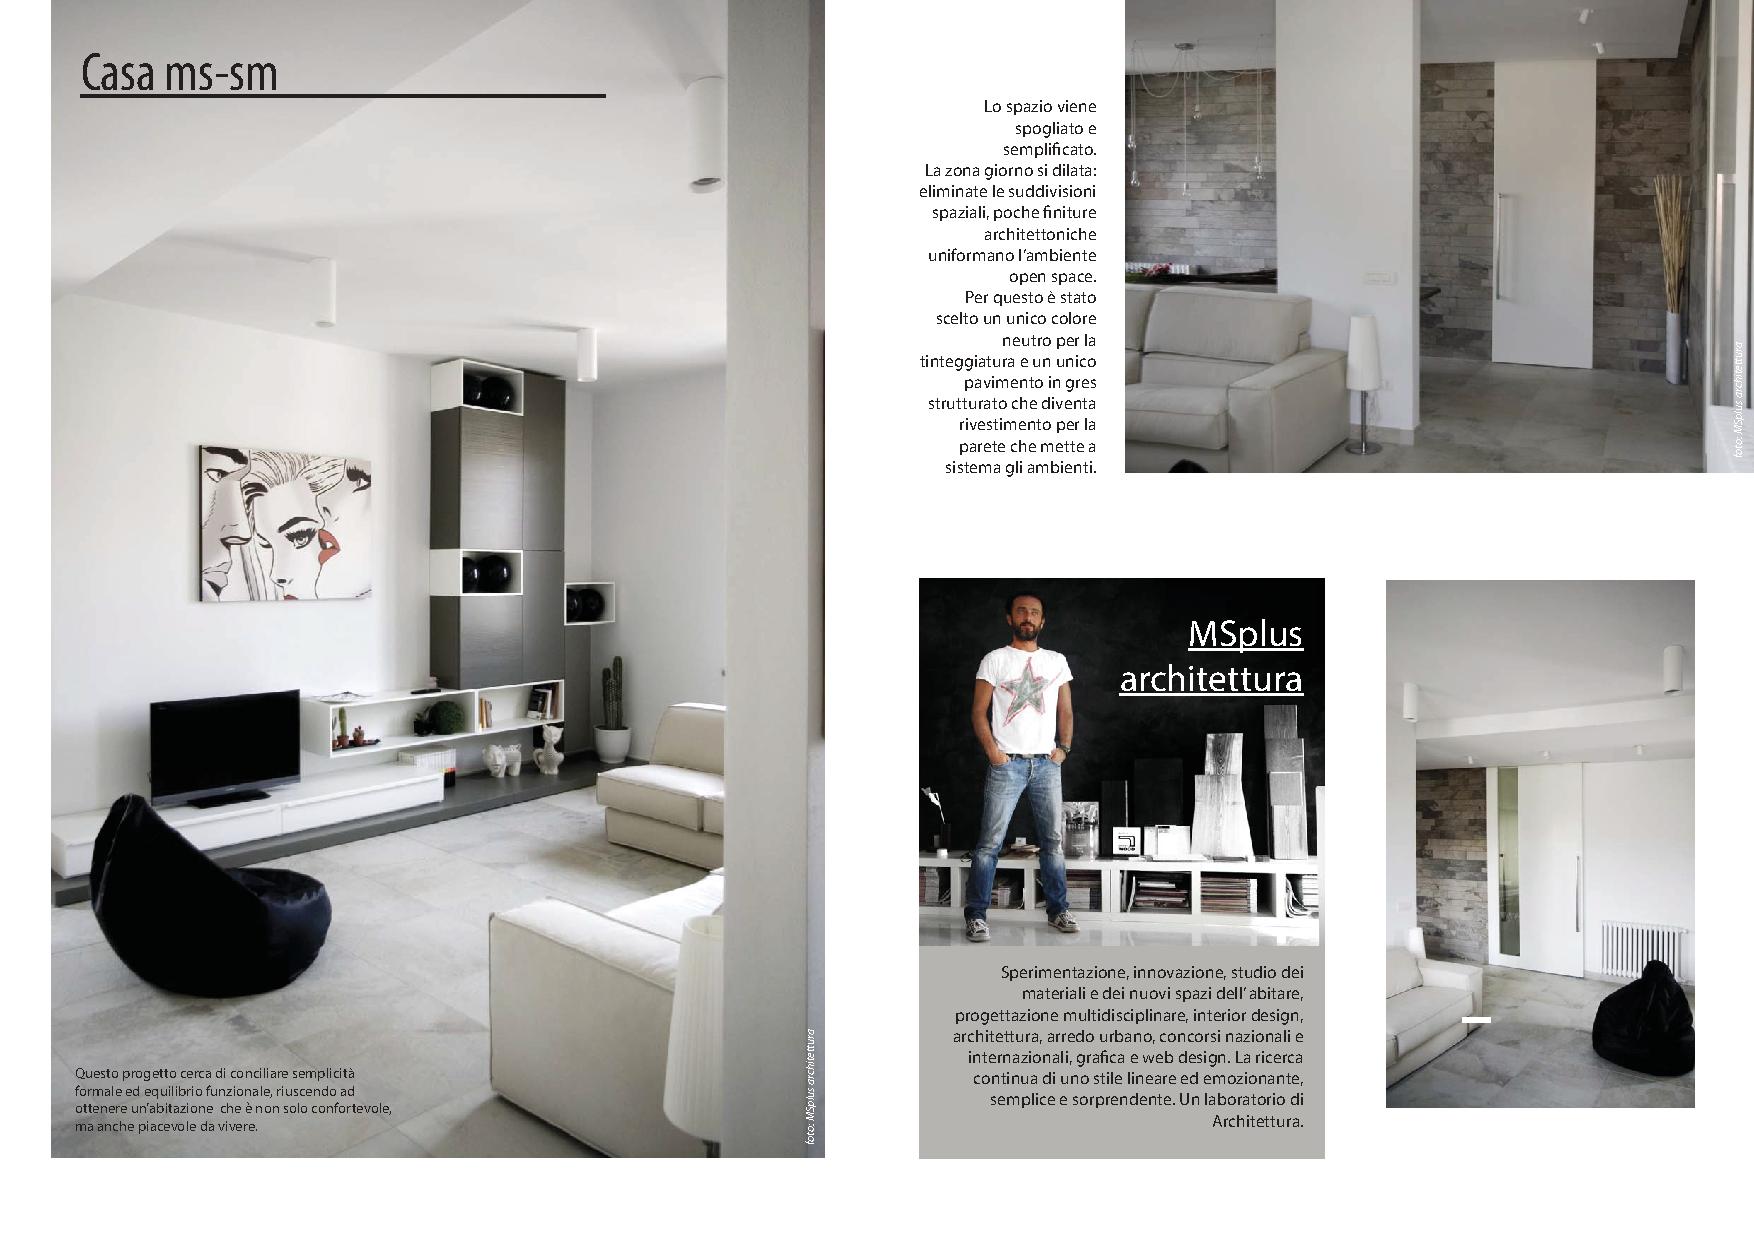 Marco stacchini architetto vogliacasavogliacasa for Piano di layout di progettazione della casa